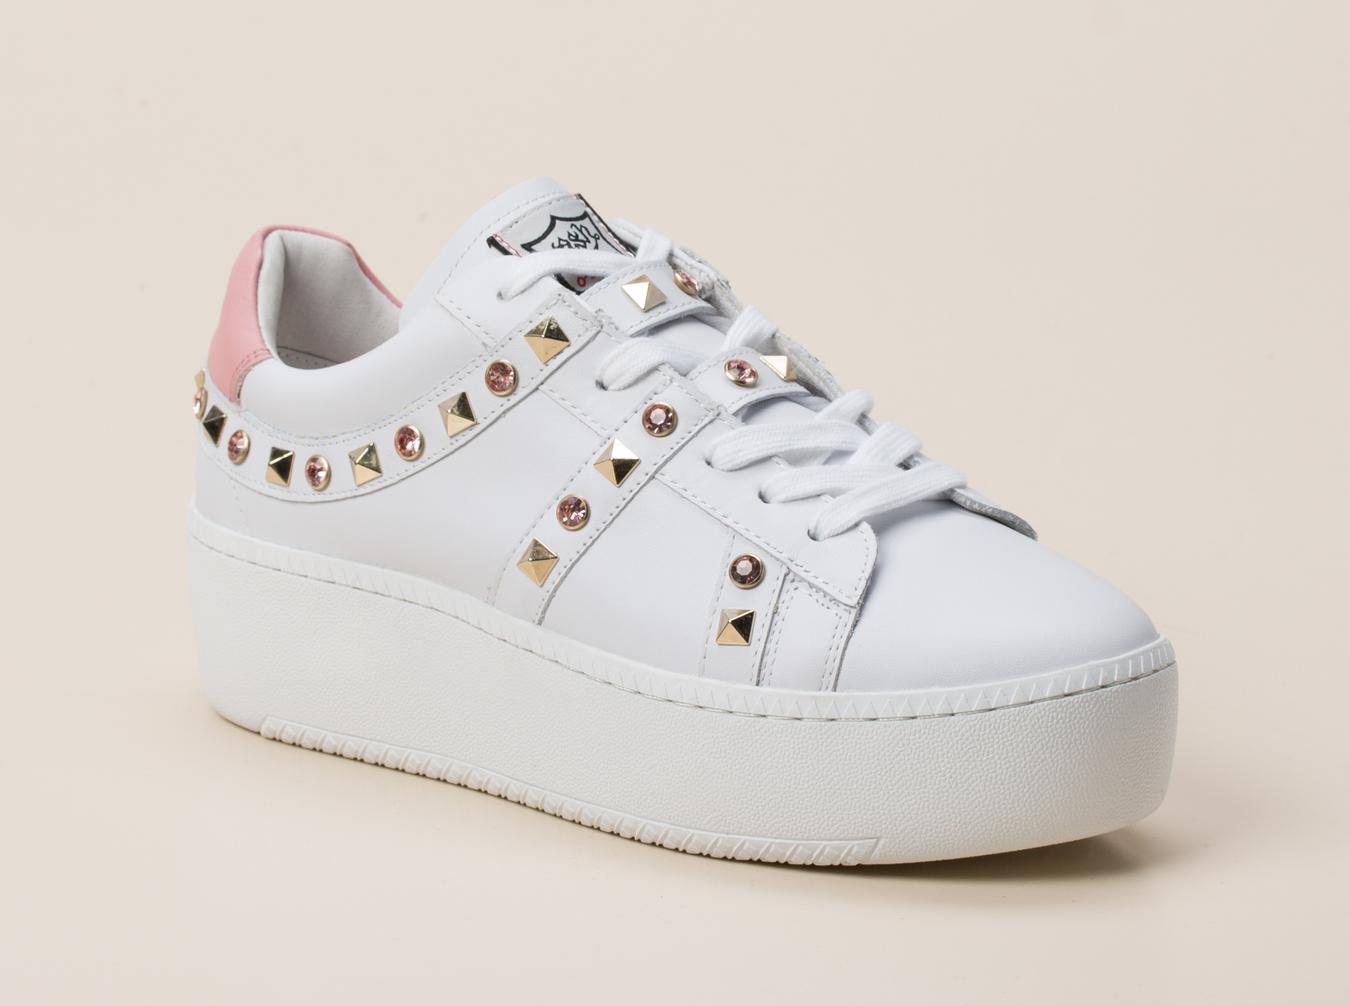 Weiß Shop Online Damen Sneaker Ash KaufenZumnorde In PZkXuOi